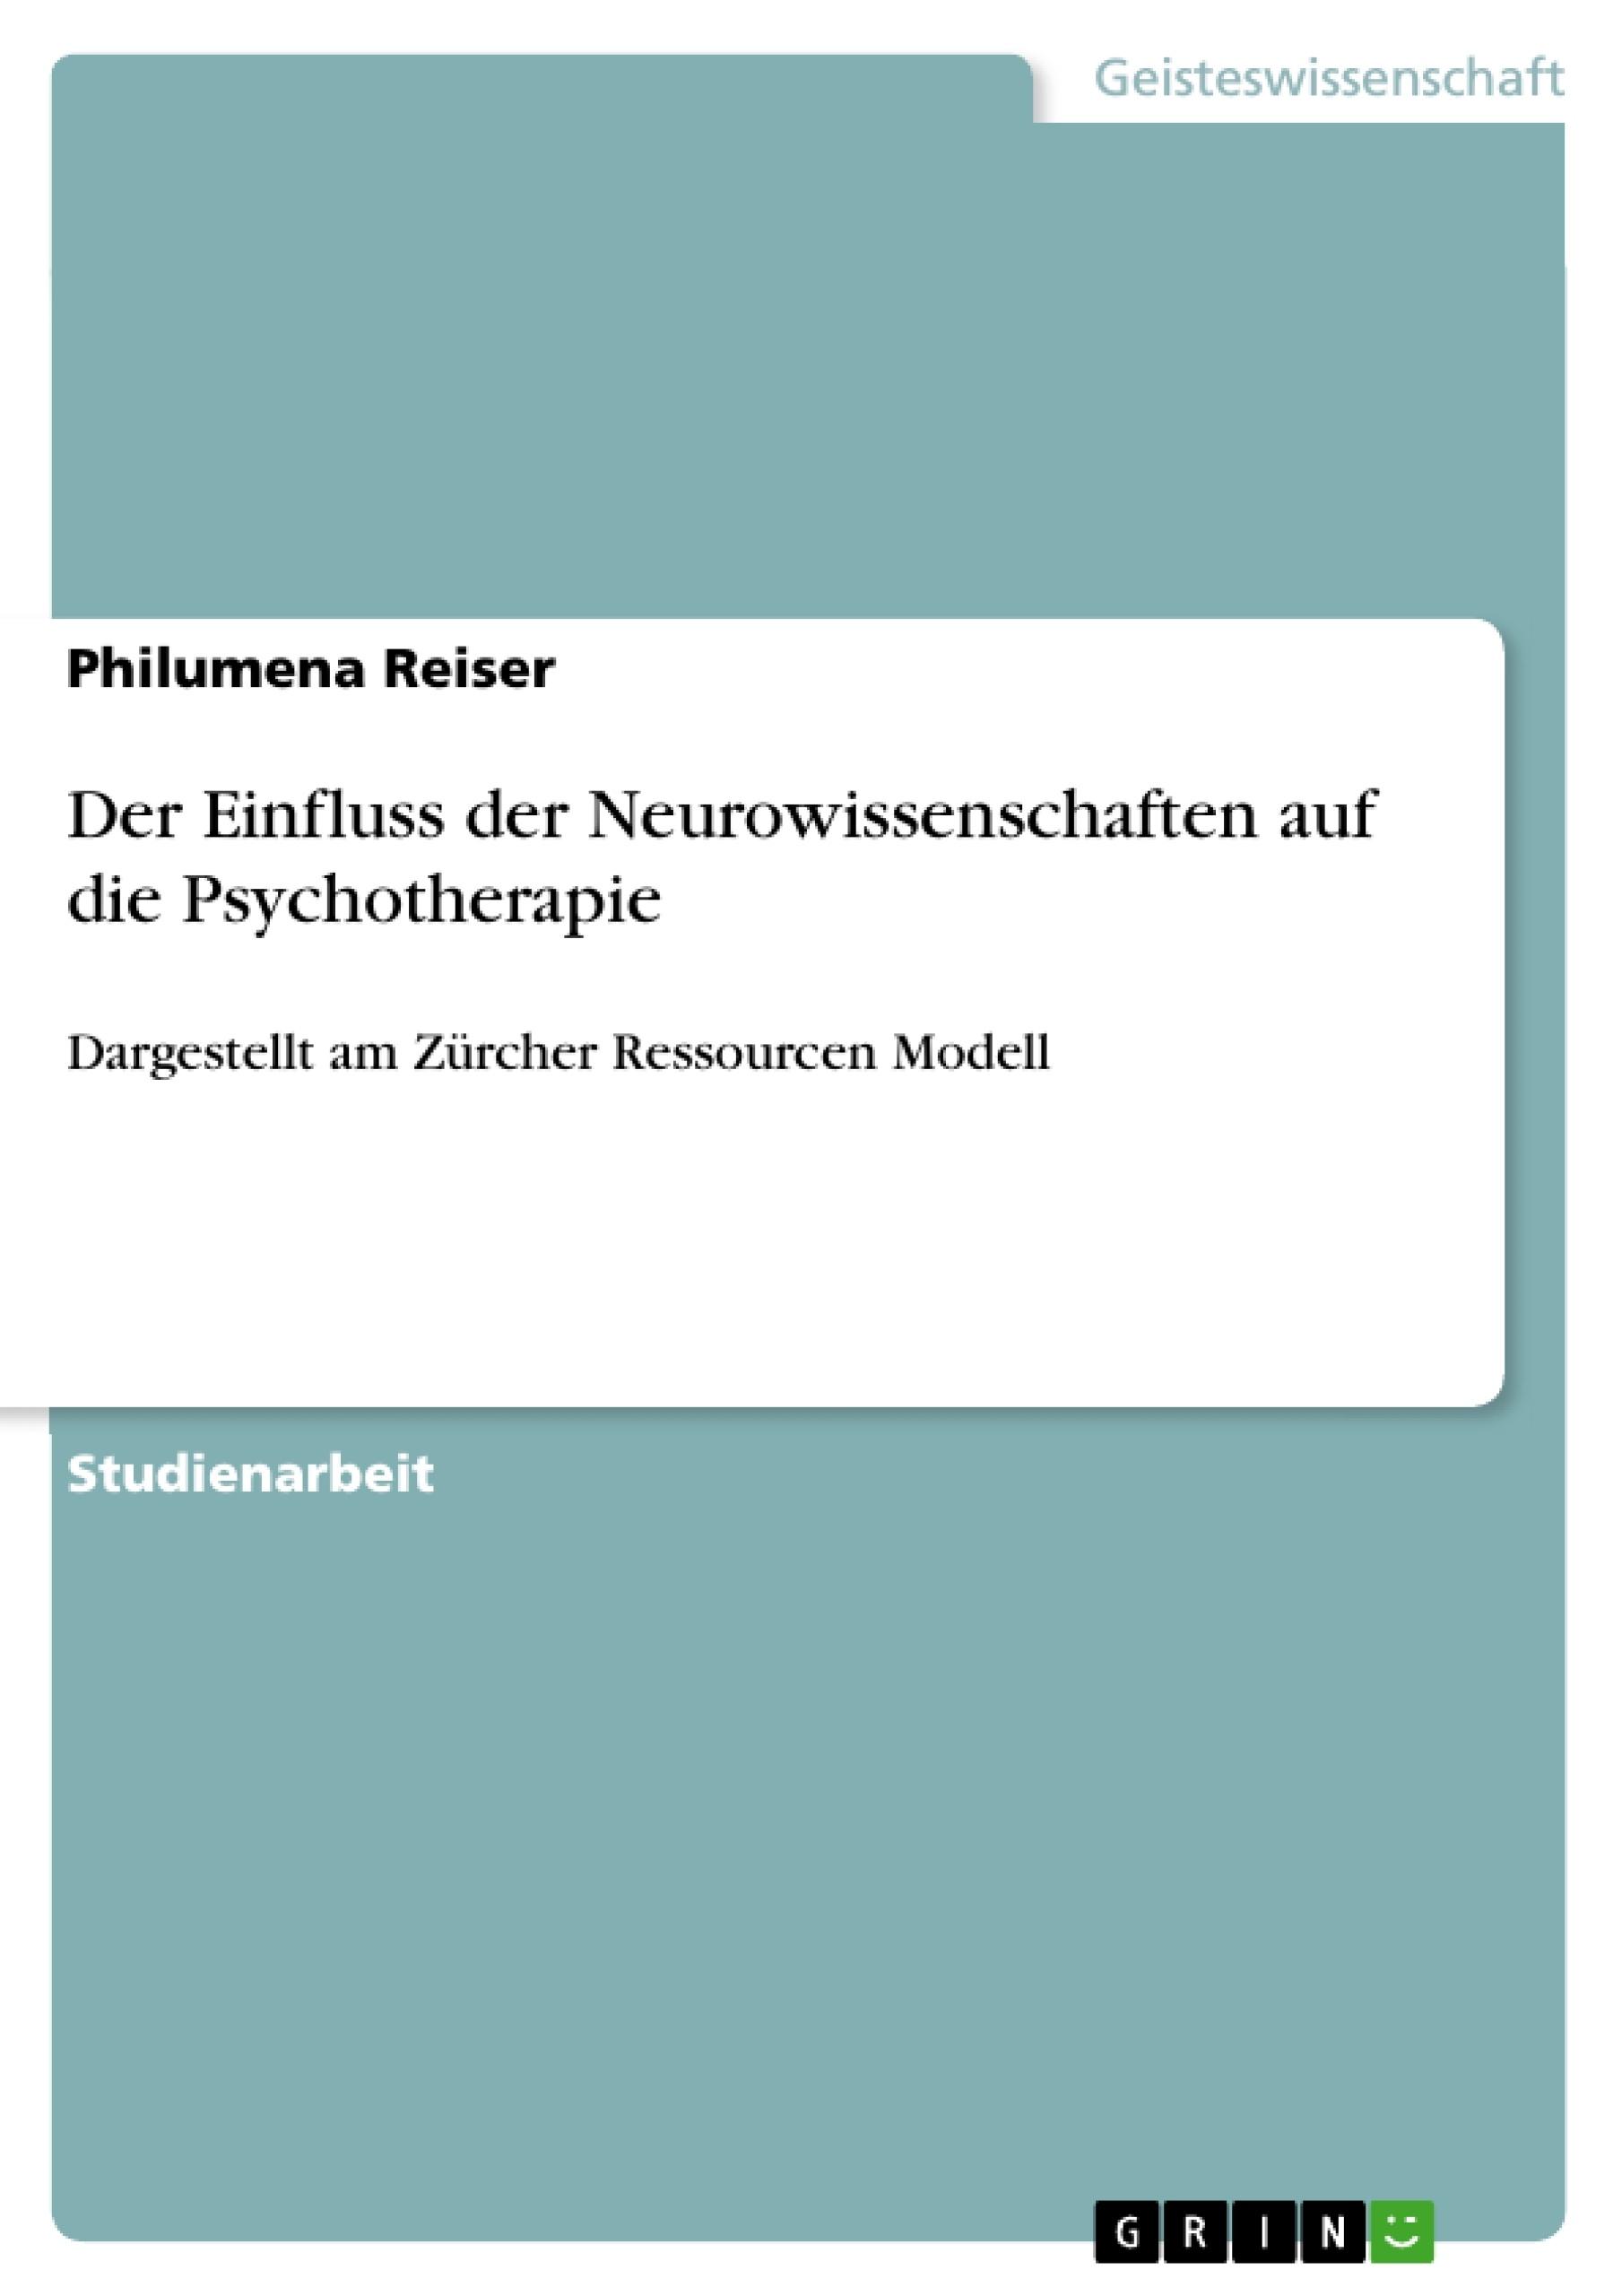 Titel: Der Einfluss der Neurowissenschaften auf die Psychotherapie